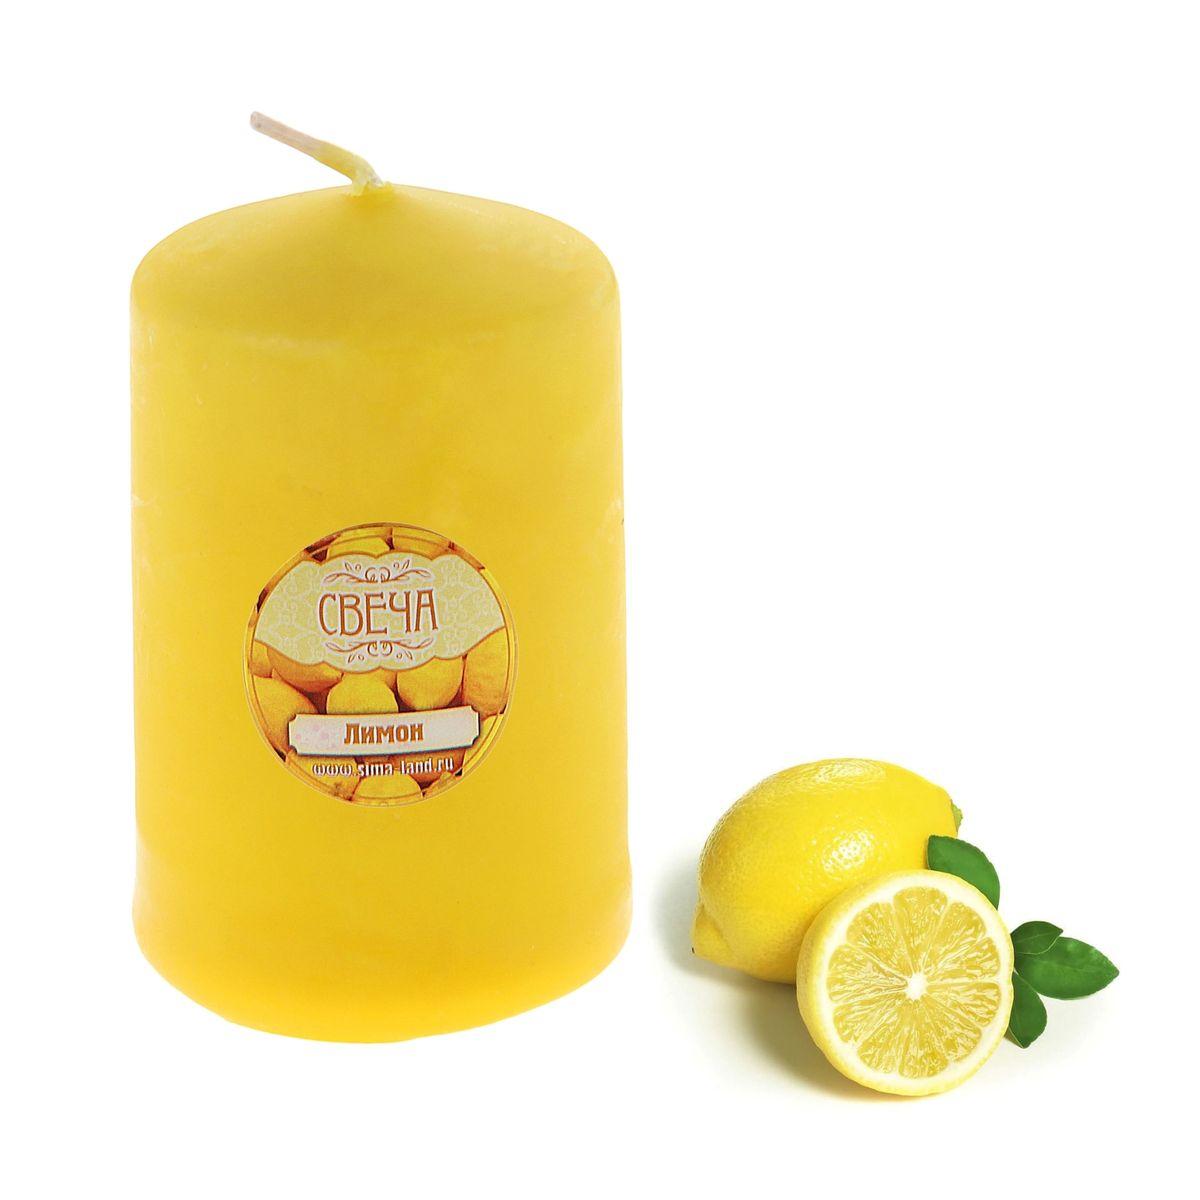 Свеча ароматизированная Sima-land Лимон, цвет: желтый, высота 10 см. 849607849607Ароматизированная свеча Sima-land Лимон изготовлена из воска в виде столбика. Изделие отличается ярким дизайном и приятным ароматом лимона. Создайте для себя и своих близких незабываемую атмосферу праздника в доме. Такая свеча может стать отличным подарком или дополнить интерьер вашей комнаты.